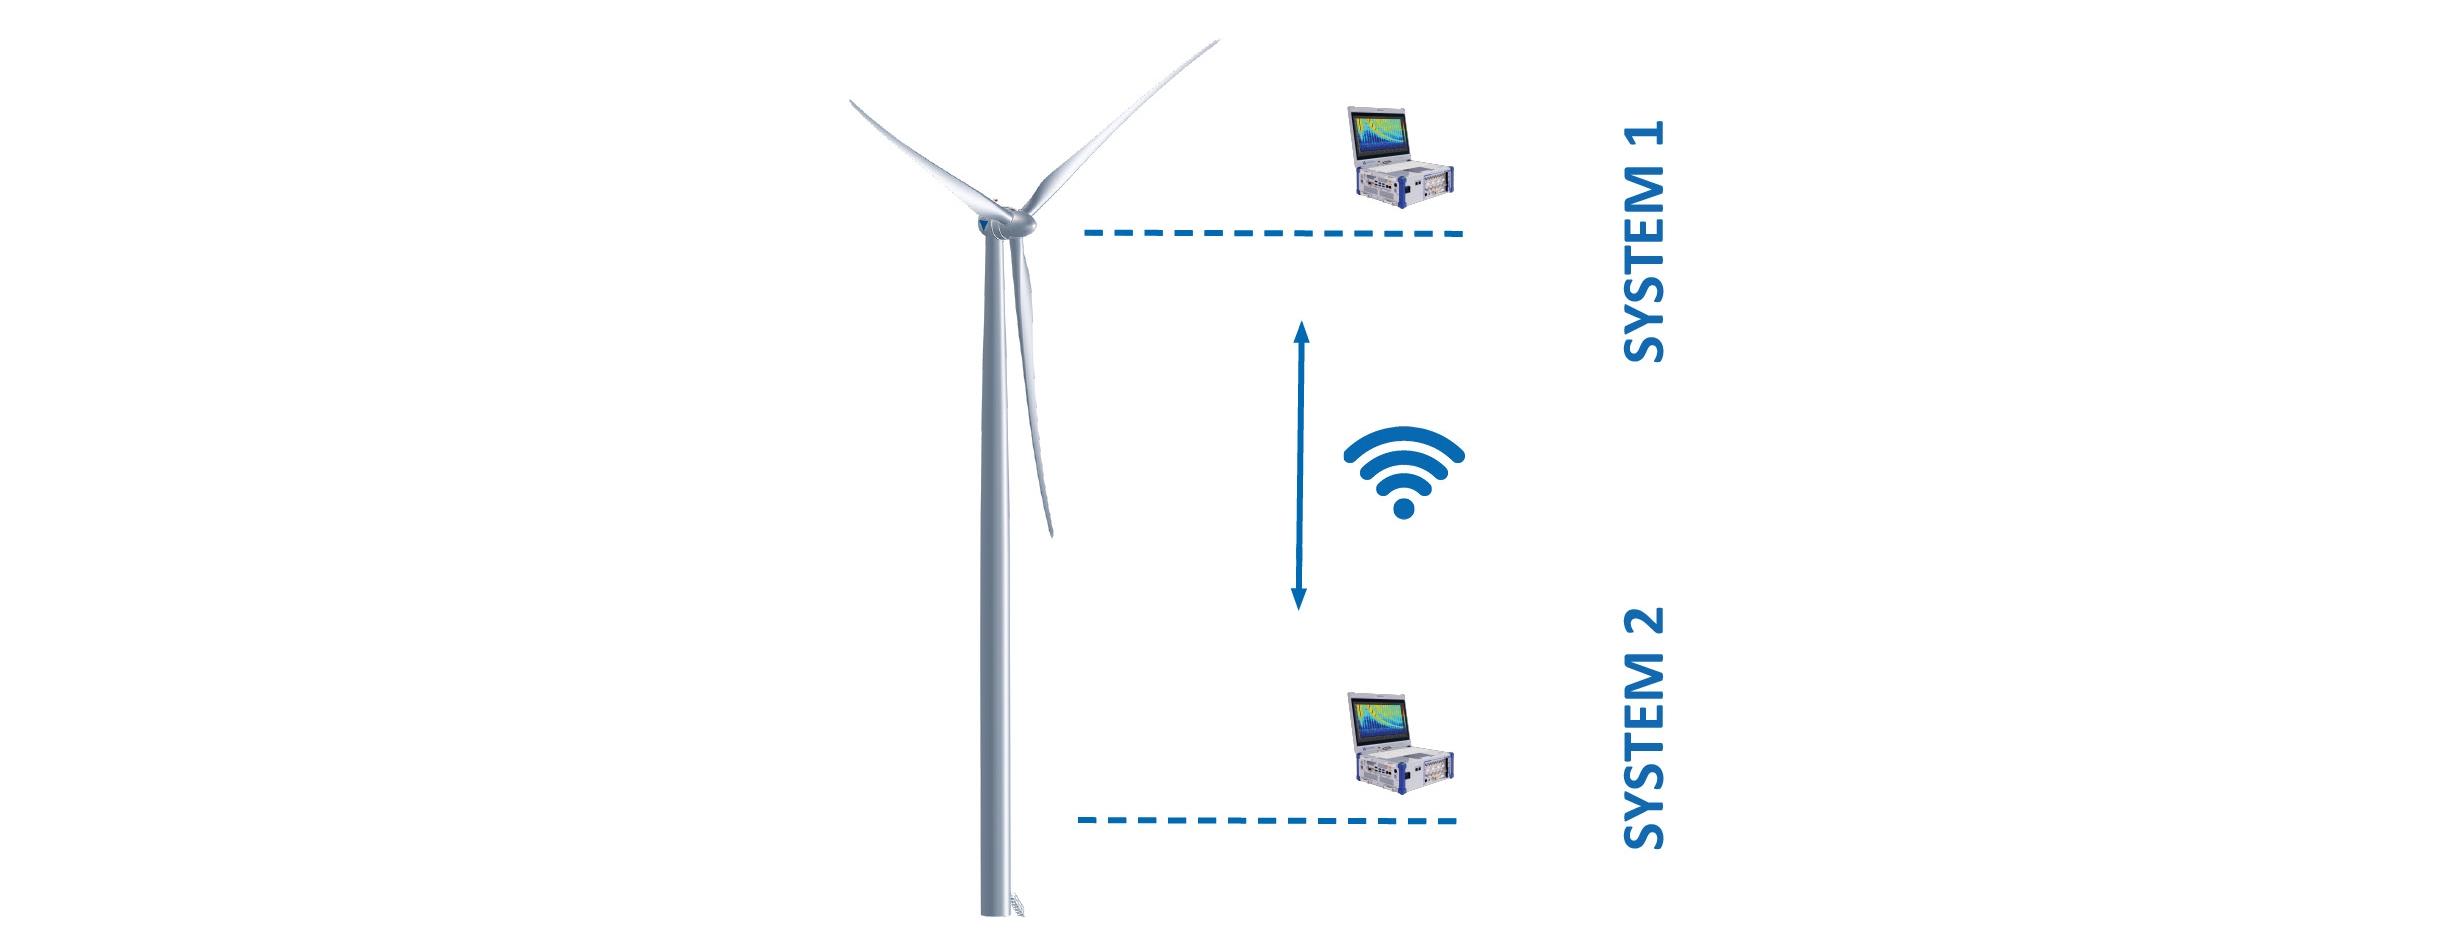 Scheme of the measurement system arrangement